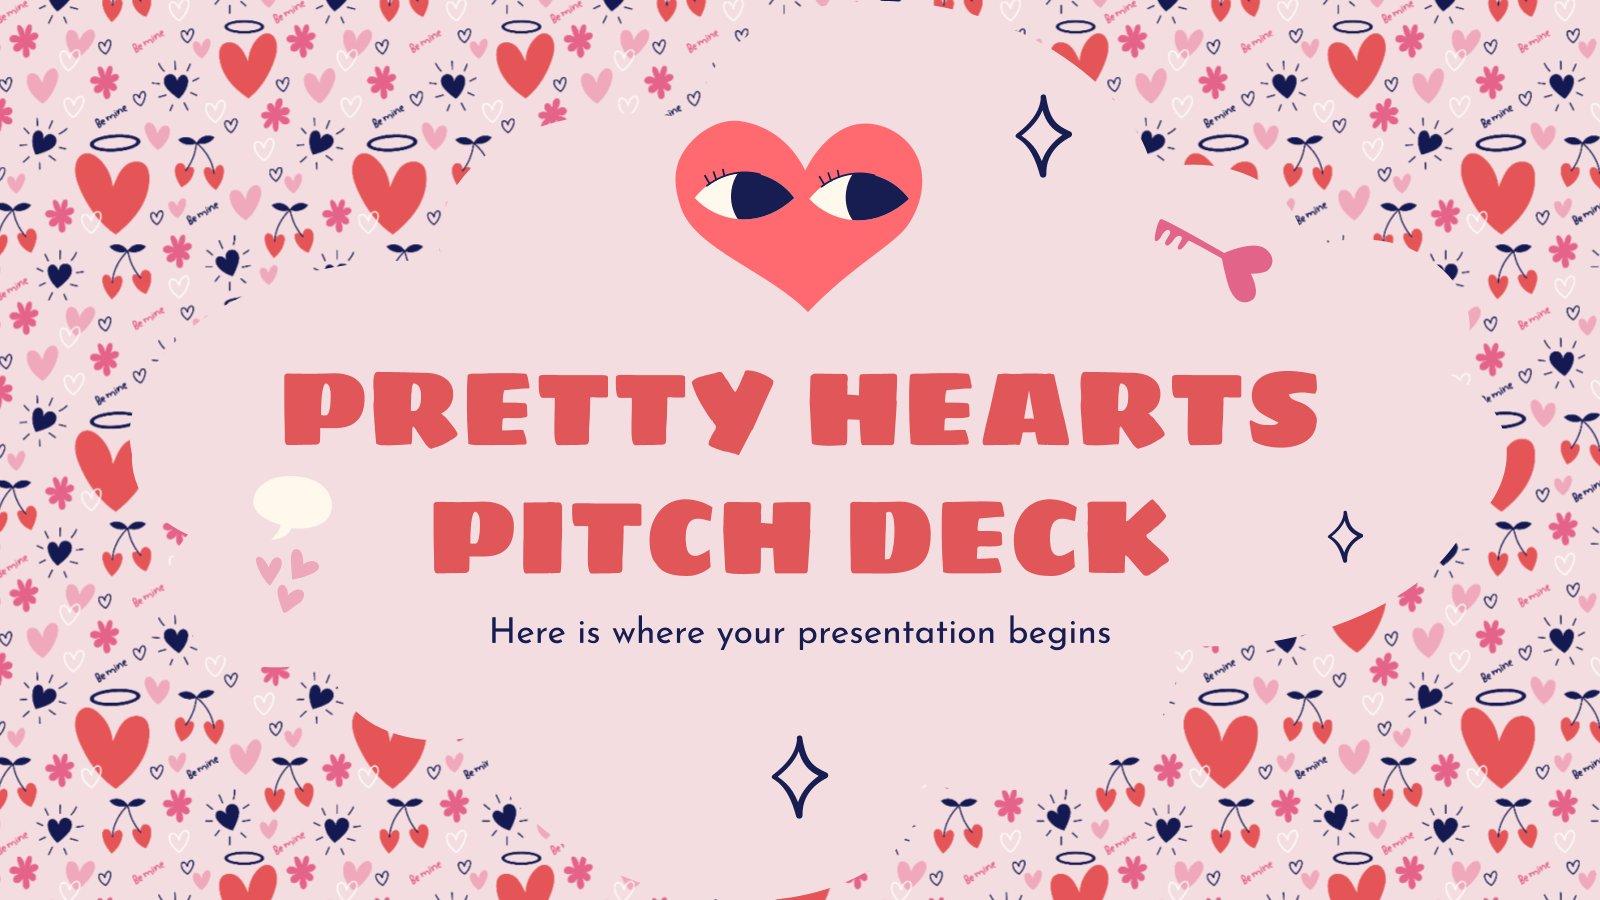 Modelo de apresentação Pitch deck corações bonitos